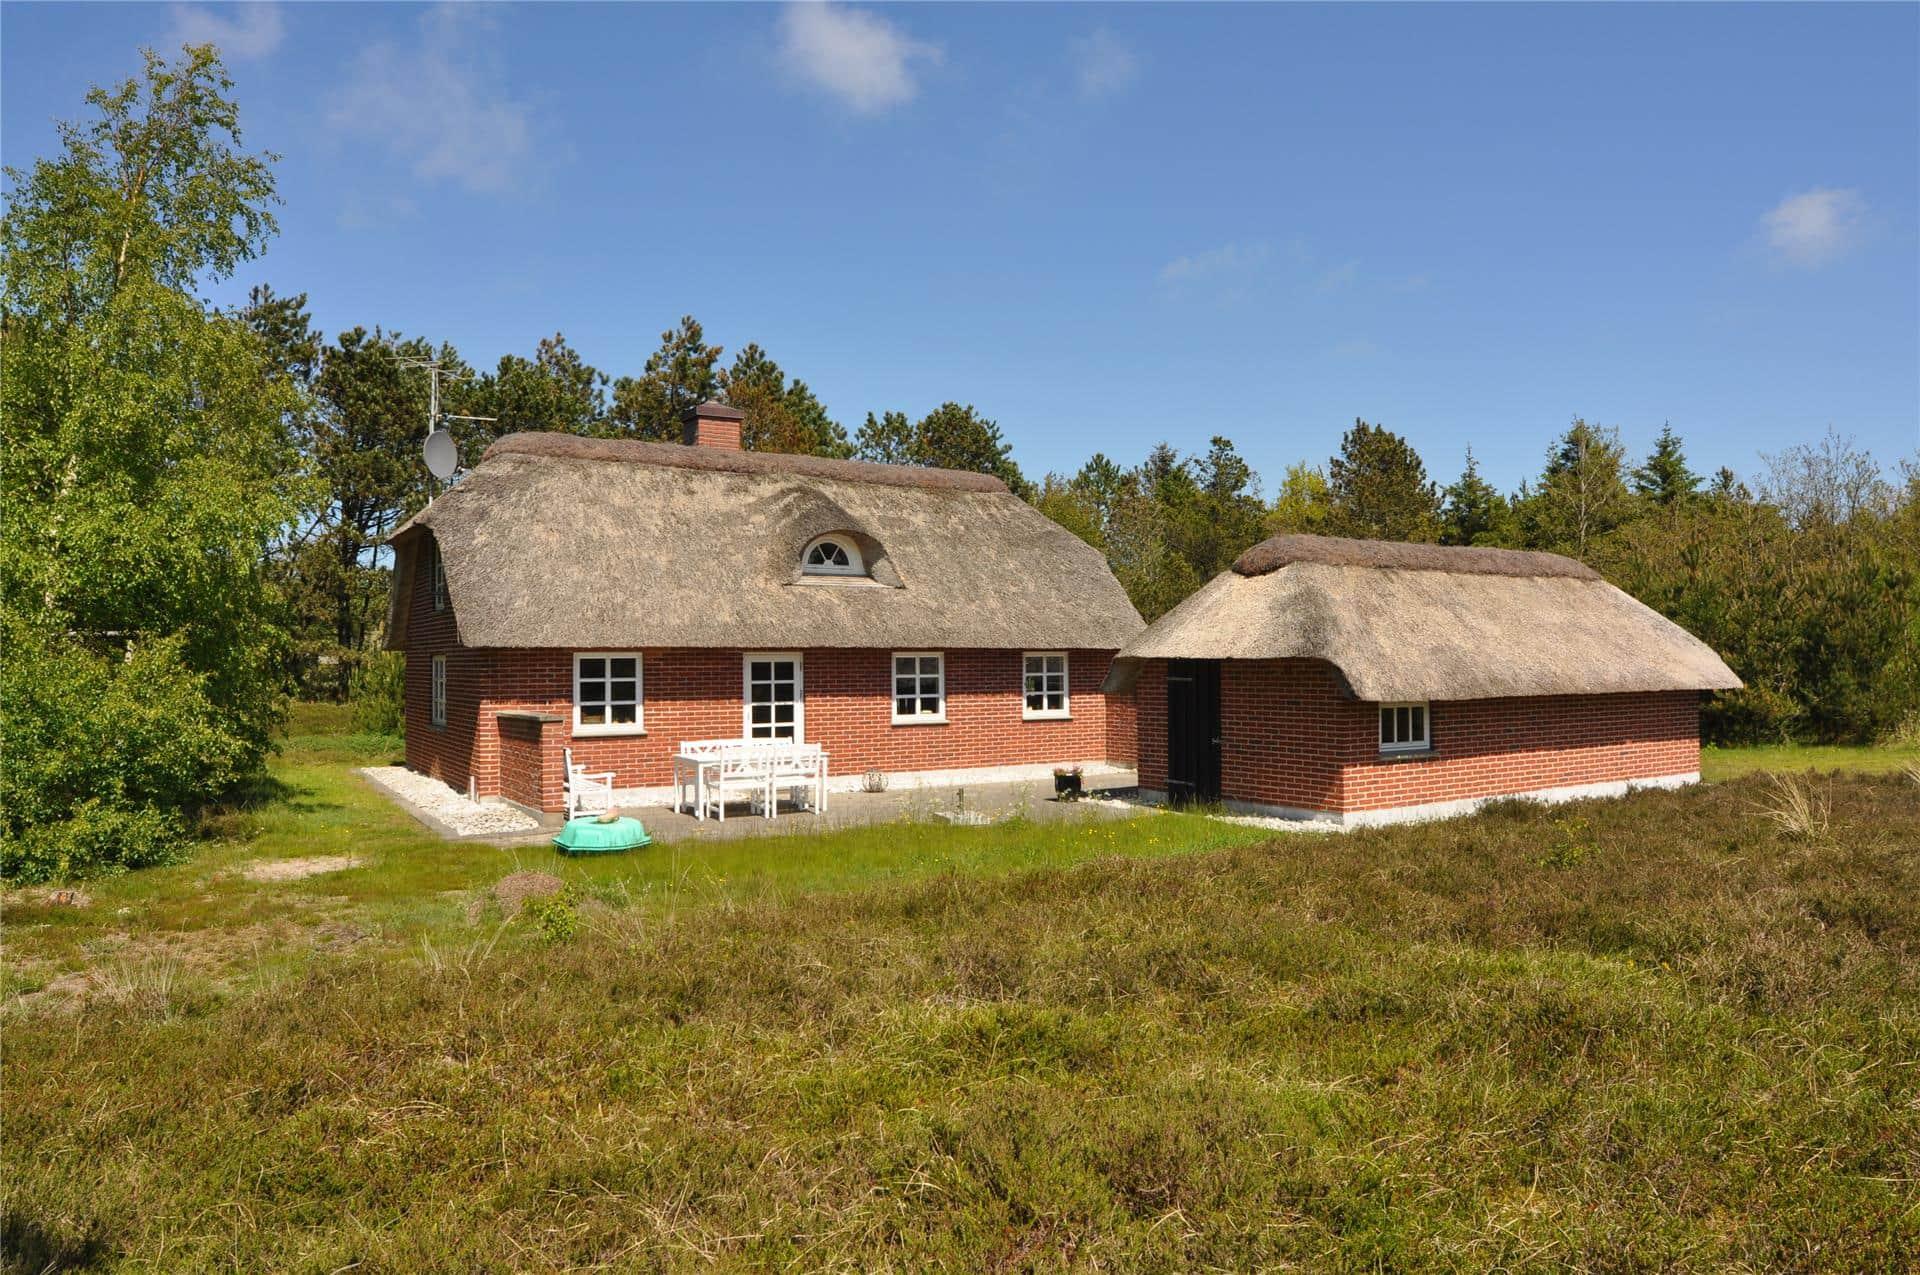 Afbeelding 1-175 Vakantiehuis 10101, Kjærgaardvej 53, DK - 6990 Ulfborg